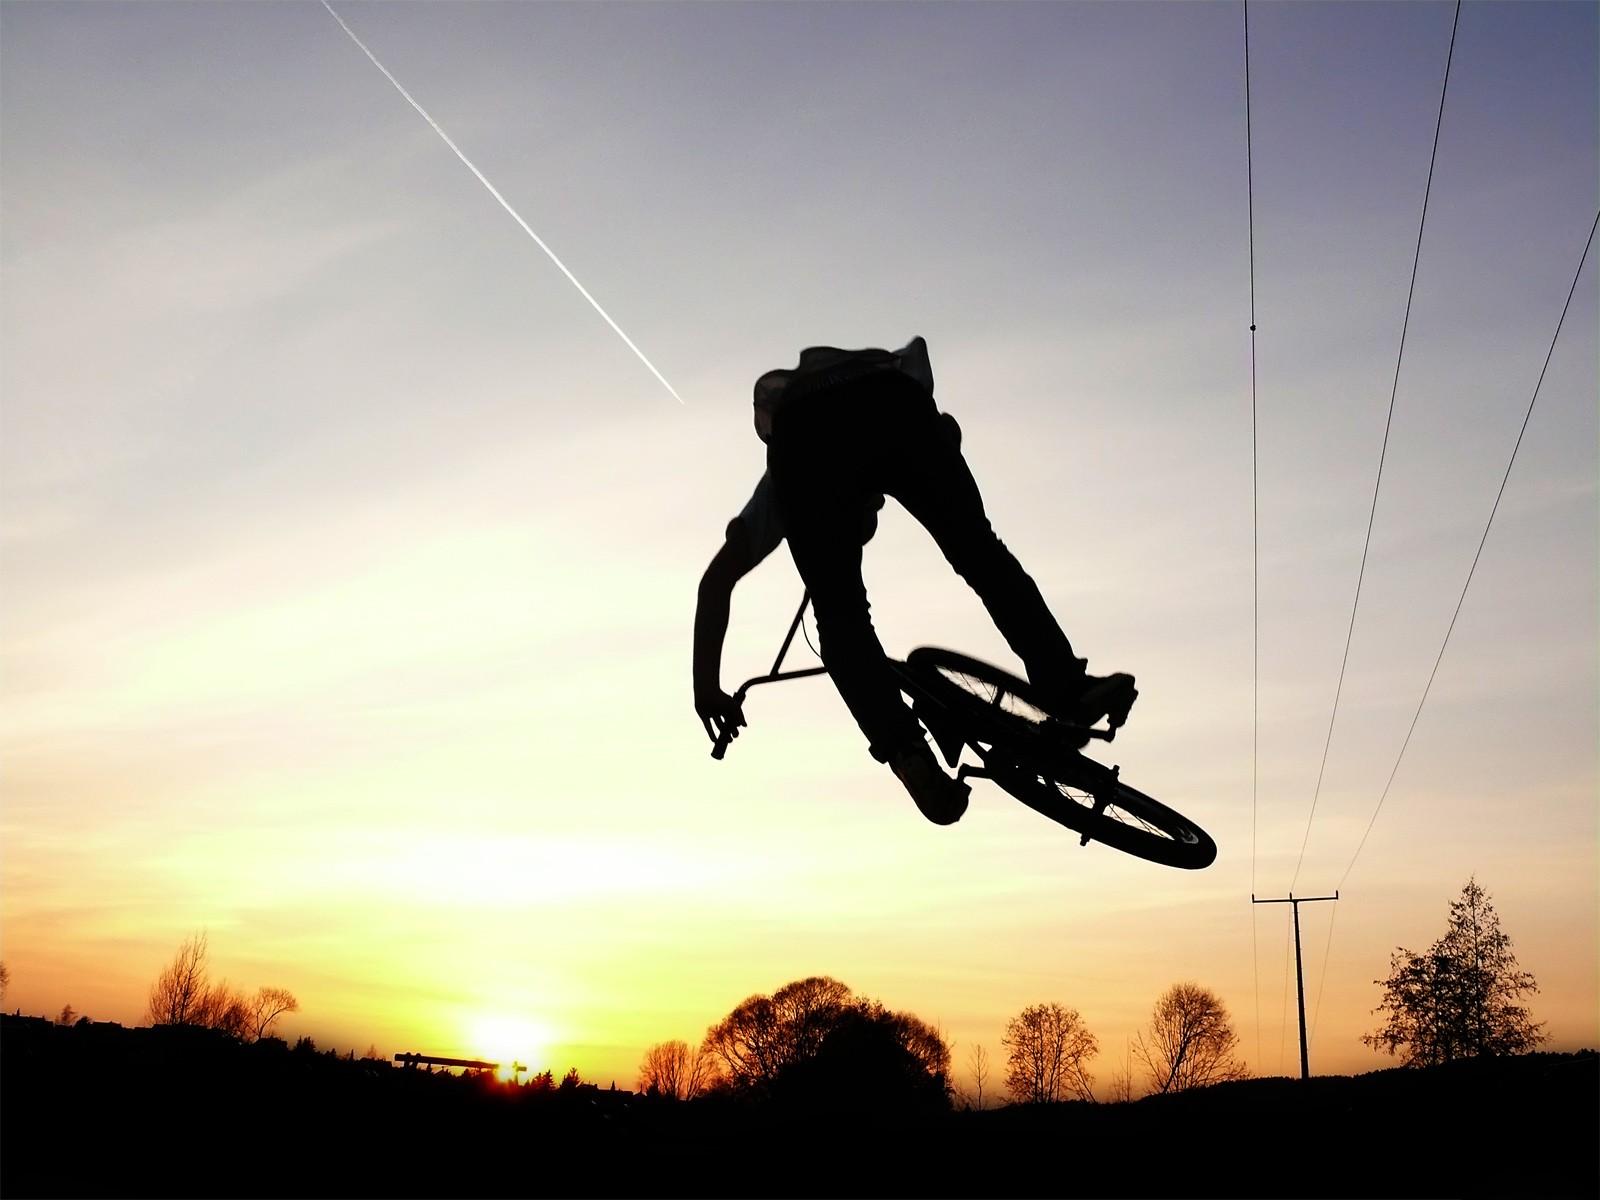 BMX Tricks Wallpaper IPhone 1707 Wallpaper WallpaperLepi 1600x1200